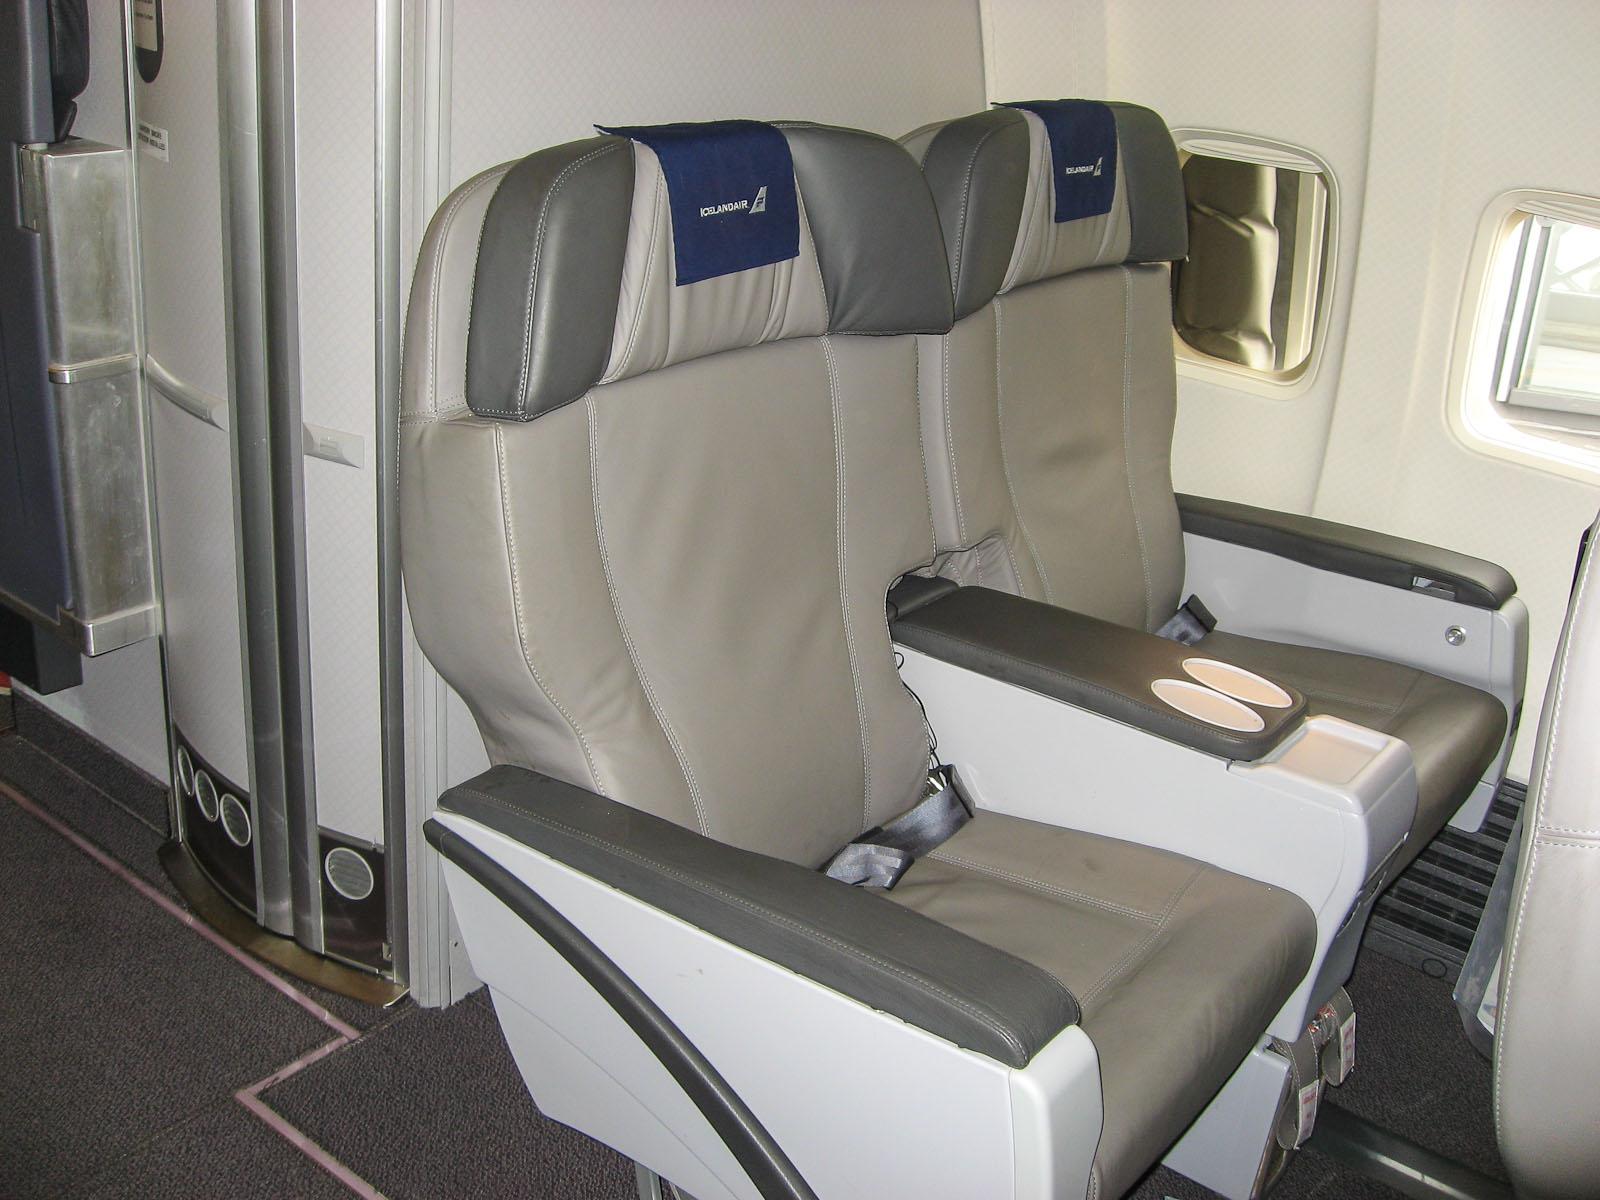 Кресла бизнес-класса в самолете Боинг-757-200 авиакомпании Icelandair